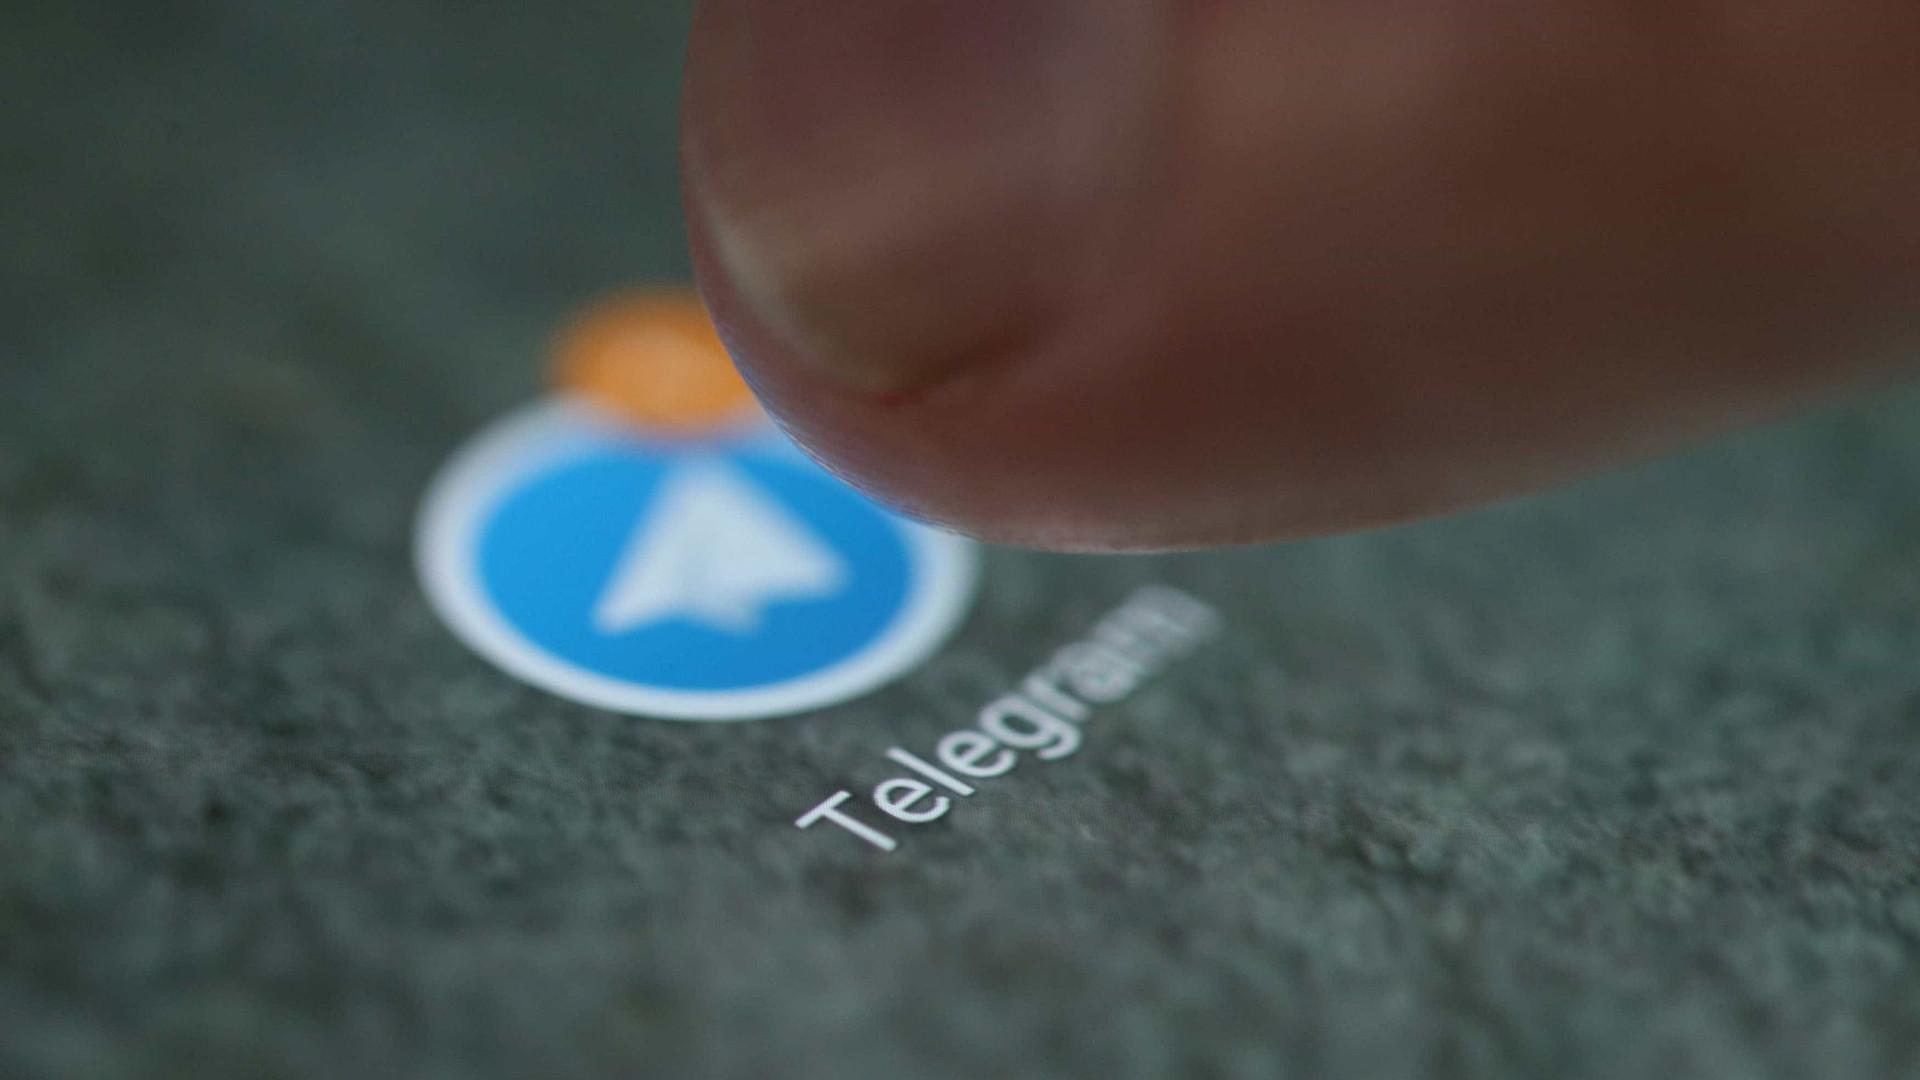 Rússia bloqueia aplicativo de mensagens Telegram